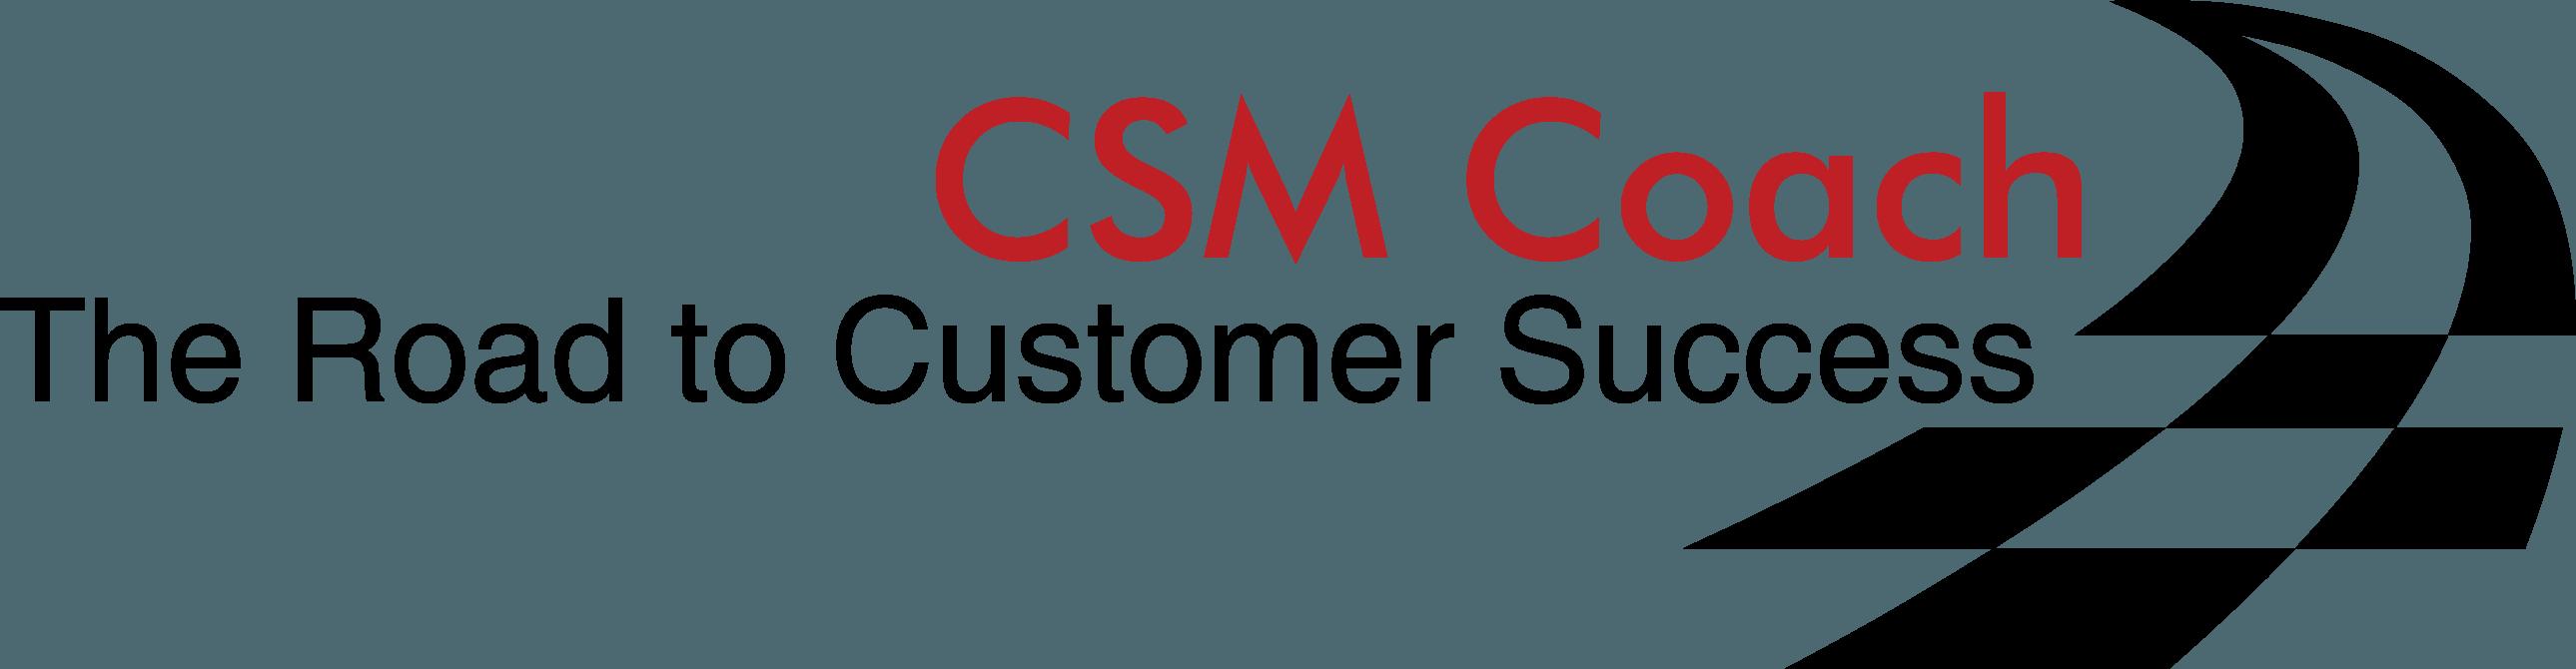 CSM Coach